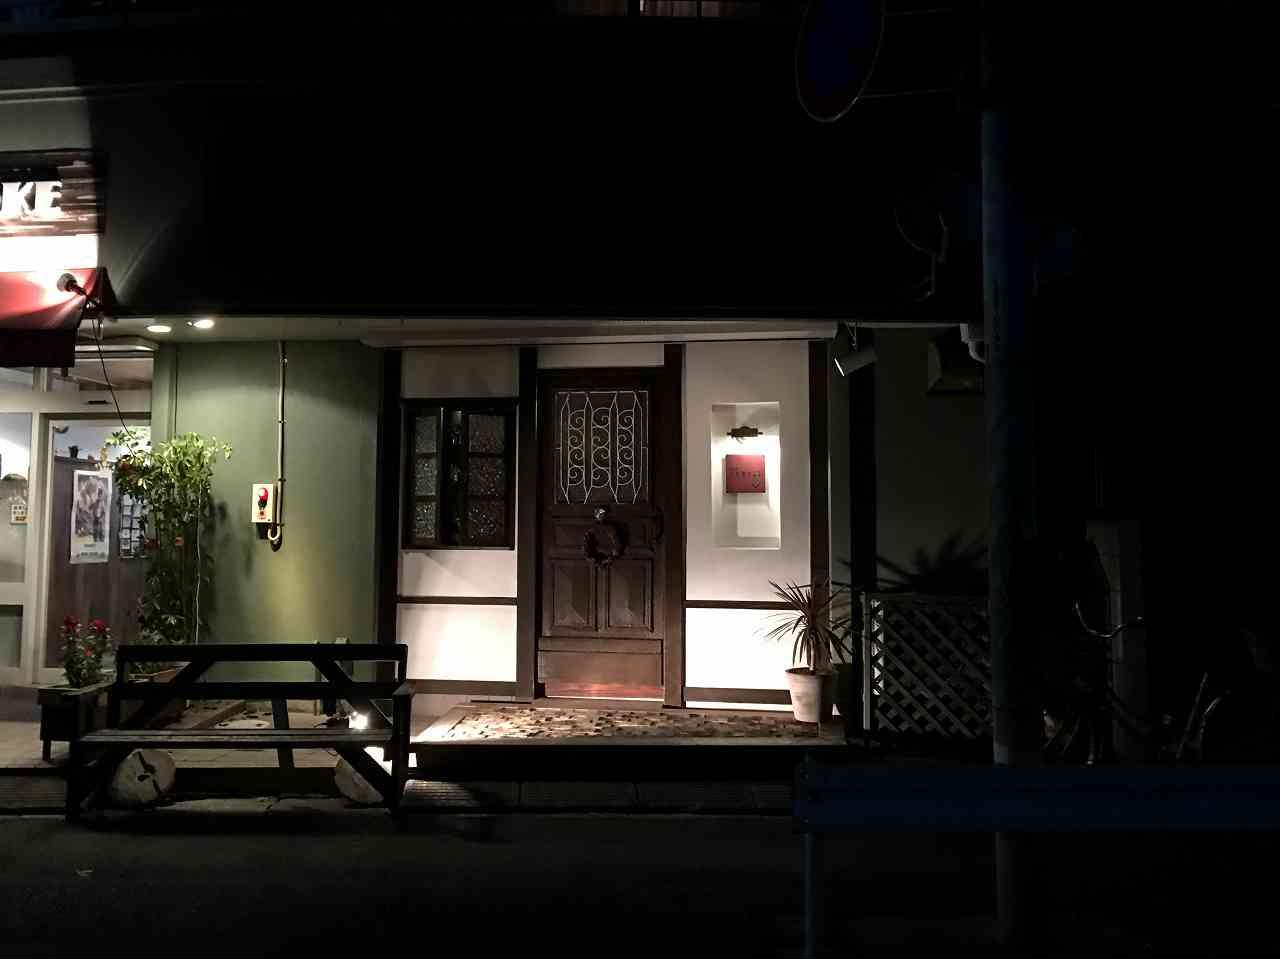 江戸川台のおしゃれなバーTERAJI(テラジ)で、オリジナルカクテルを注文